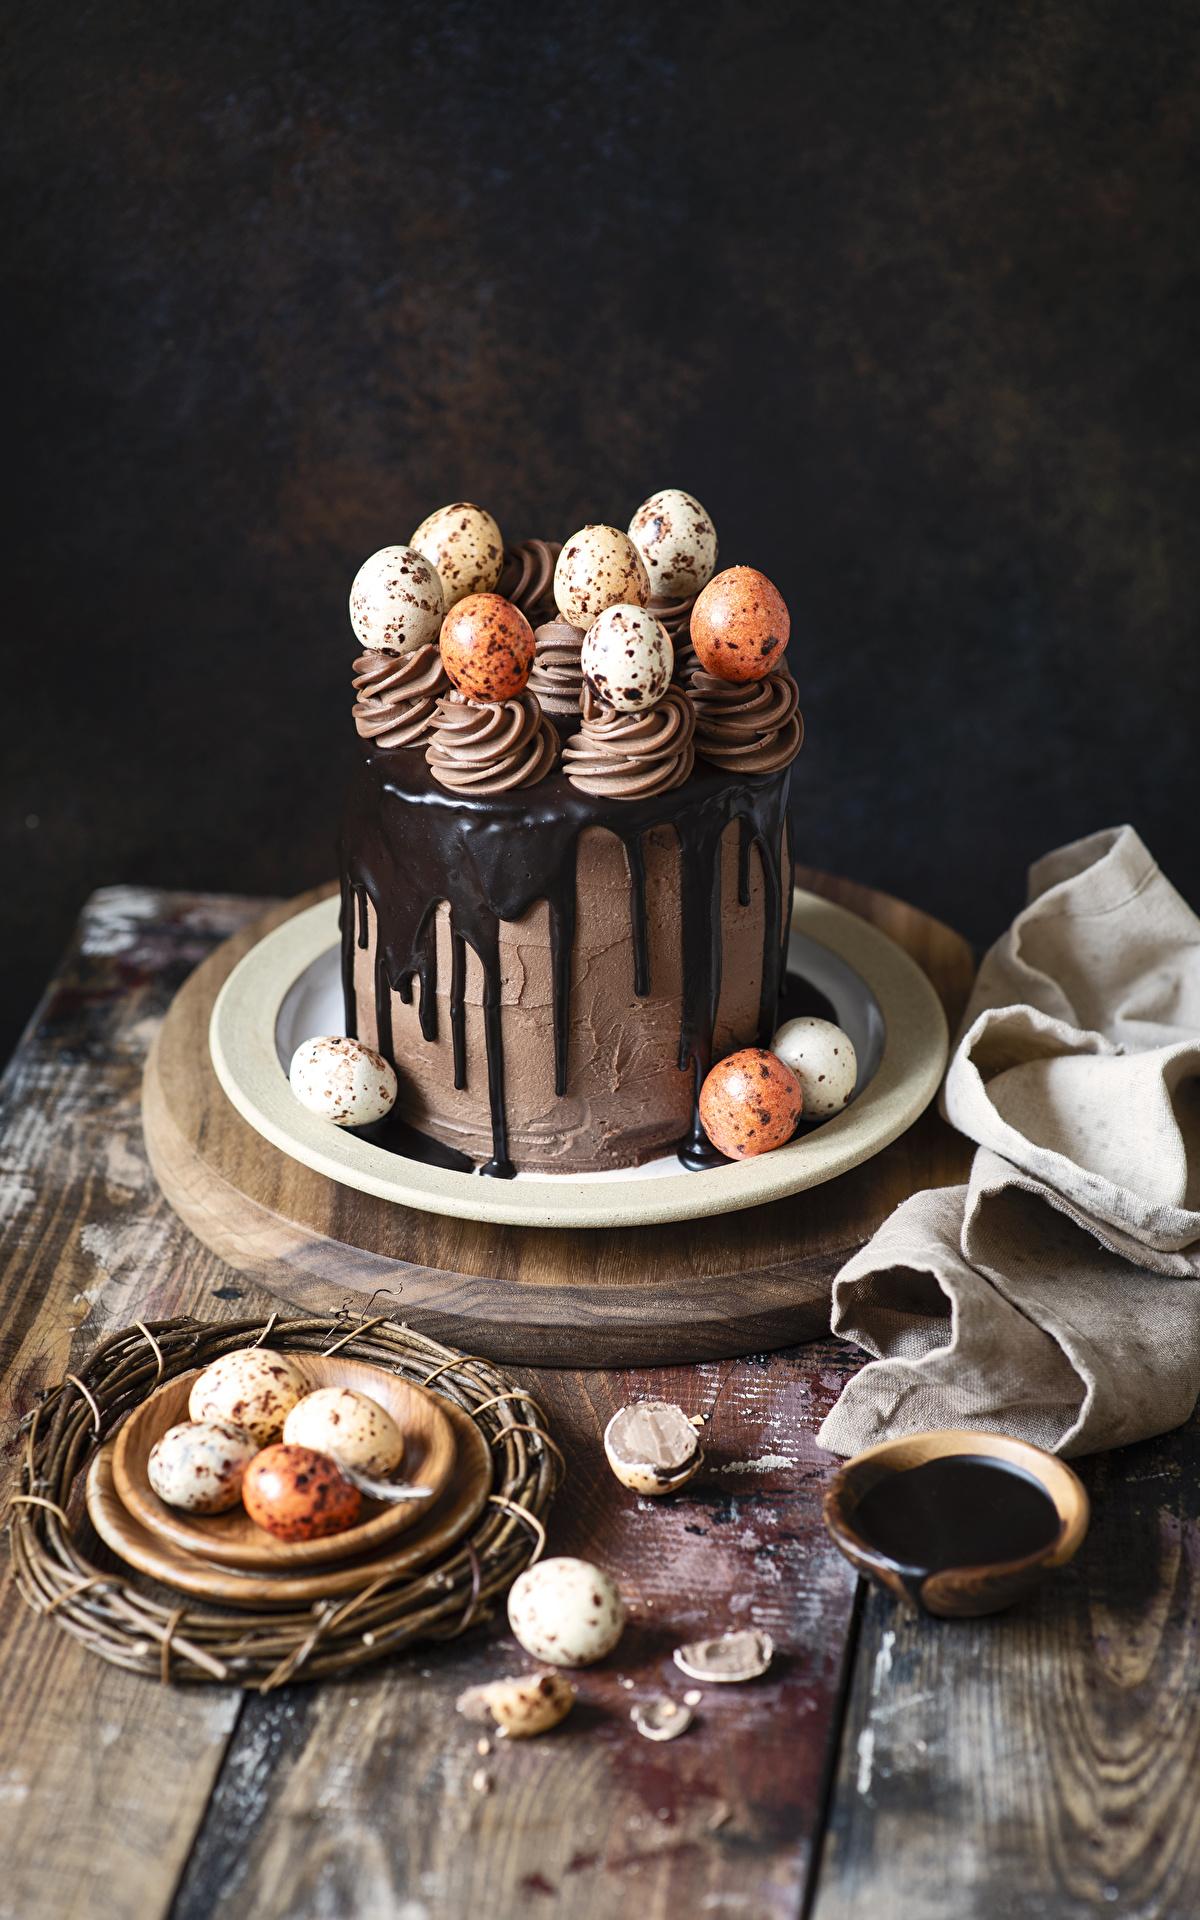 Картинка Пасха Яйца Шоколад Торты Пища Сладости 1200x1920 Еда Продукты питания